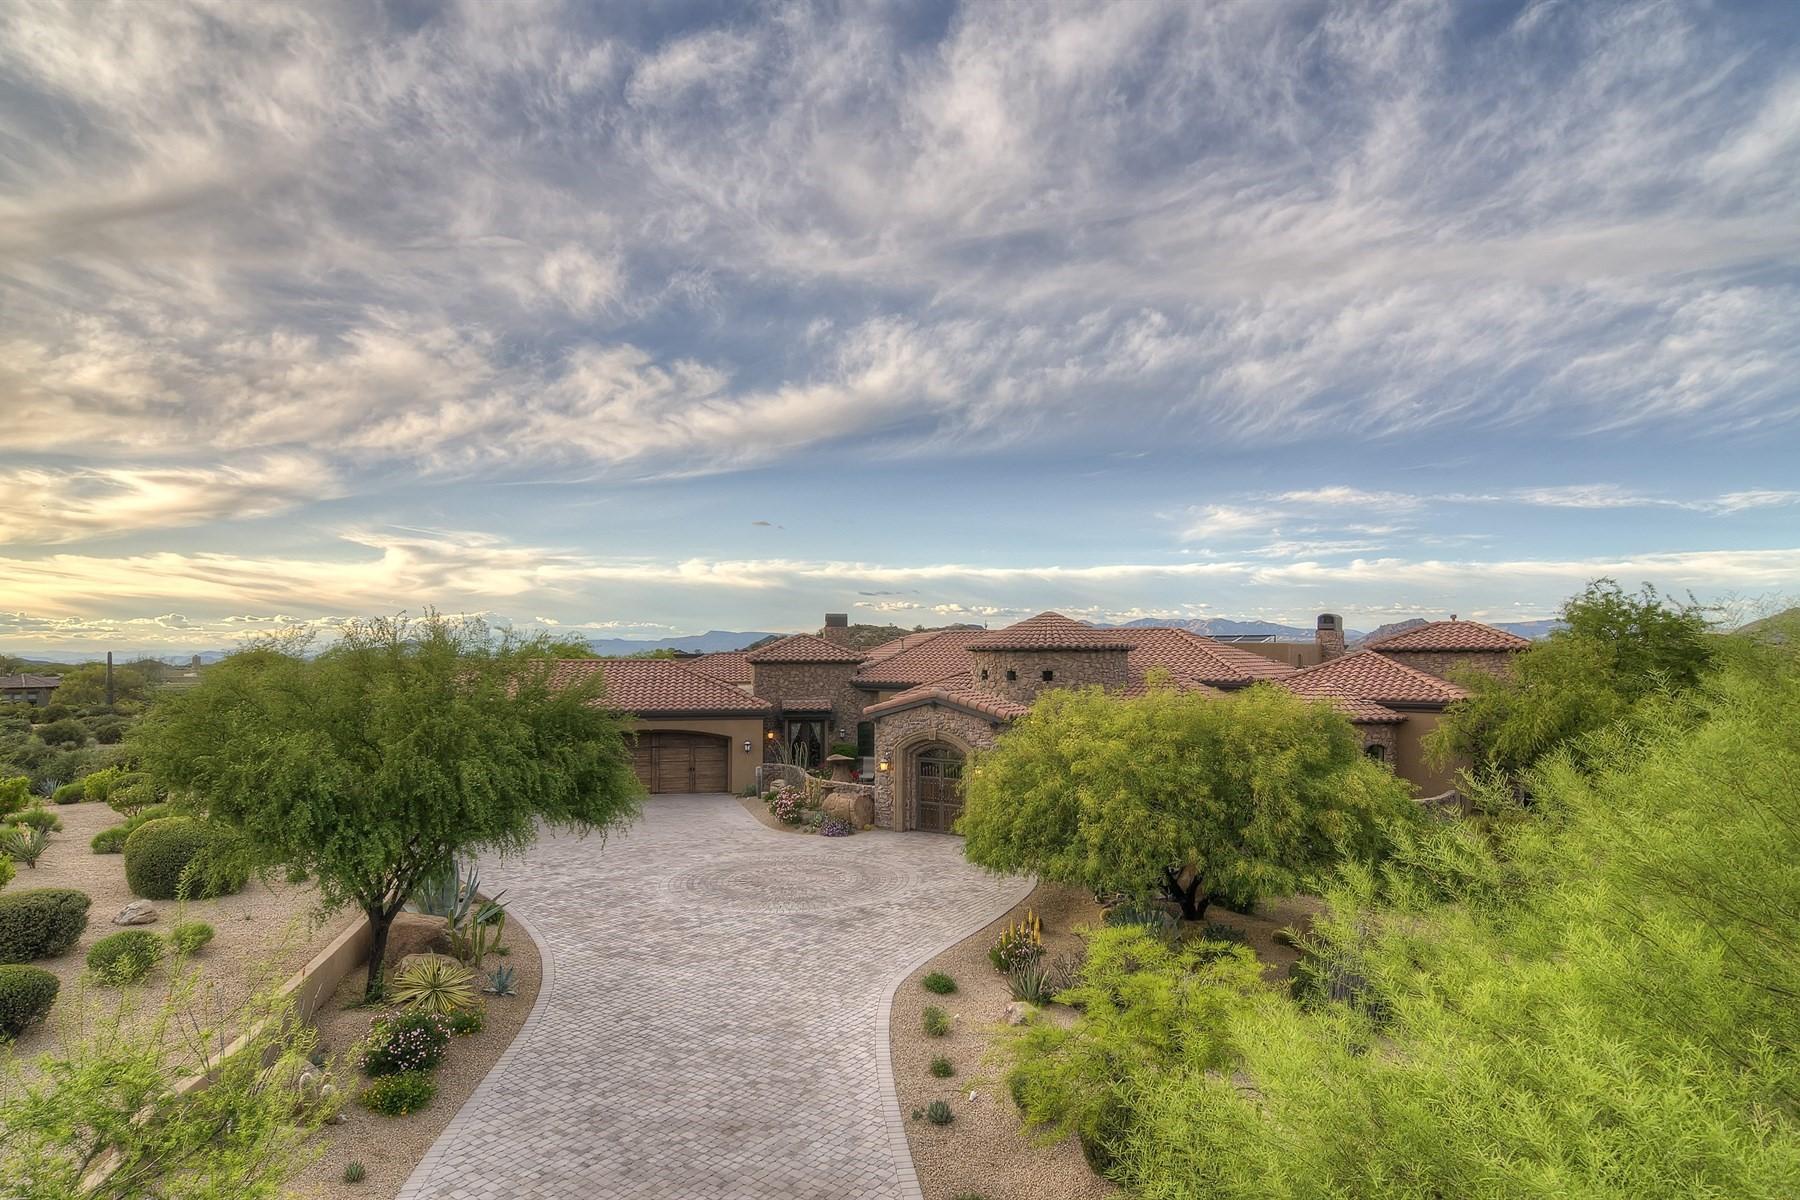 Einfamilienhaus für Verkauf beim Nothing Short of a Great Deal! 26868 N 117th Pl Scottsdale, Arizona, 85262 Vereinigte Staaten